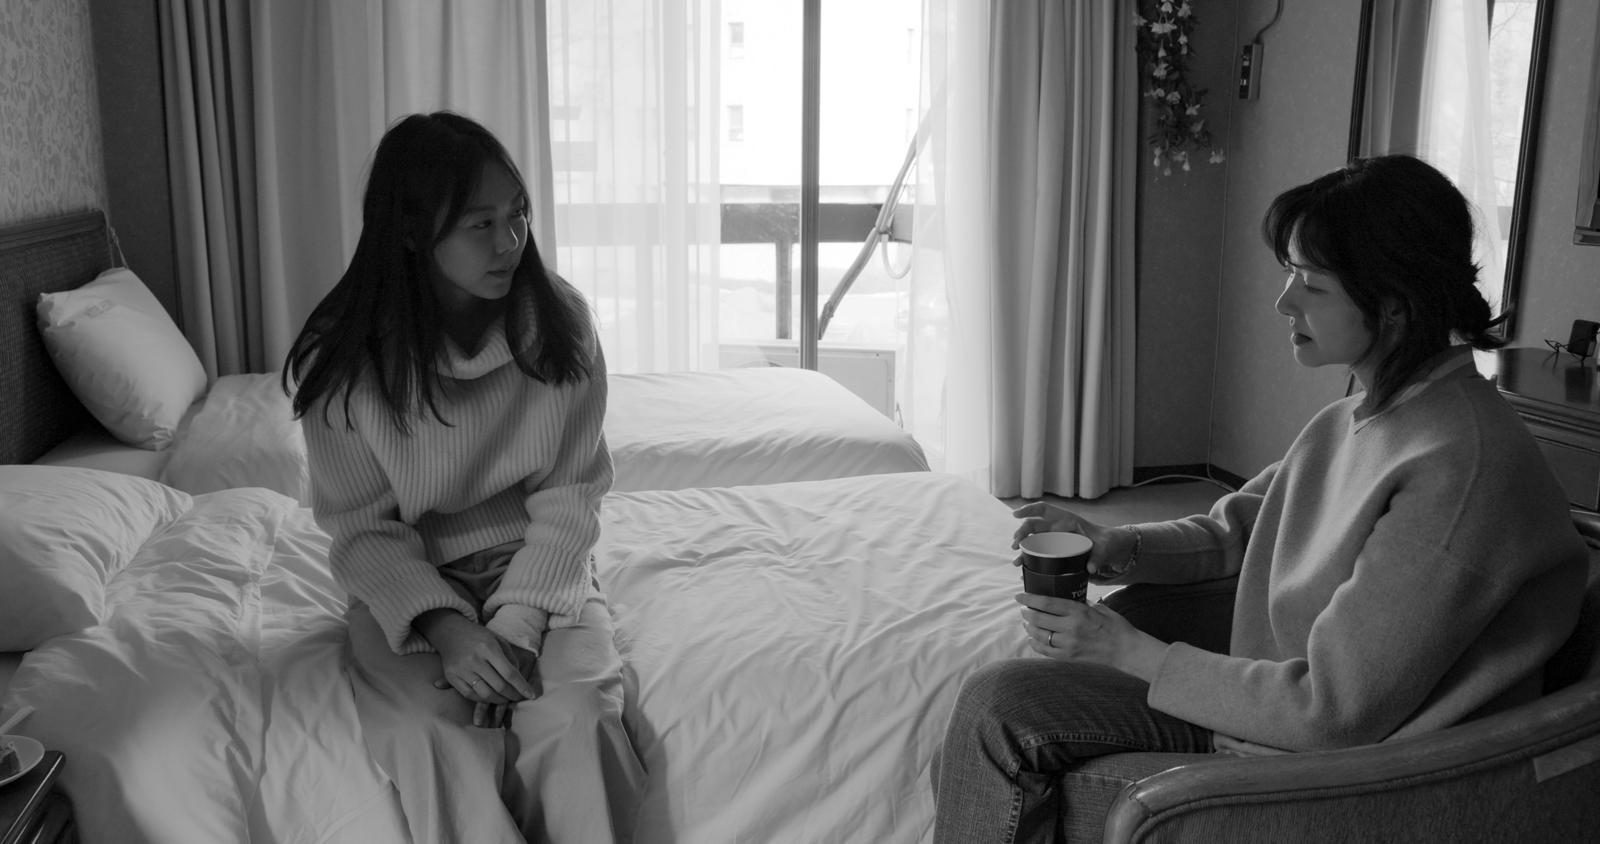 Critique / Avis film Hotel By The River : poème clair-obscur